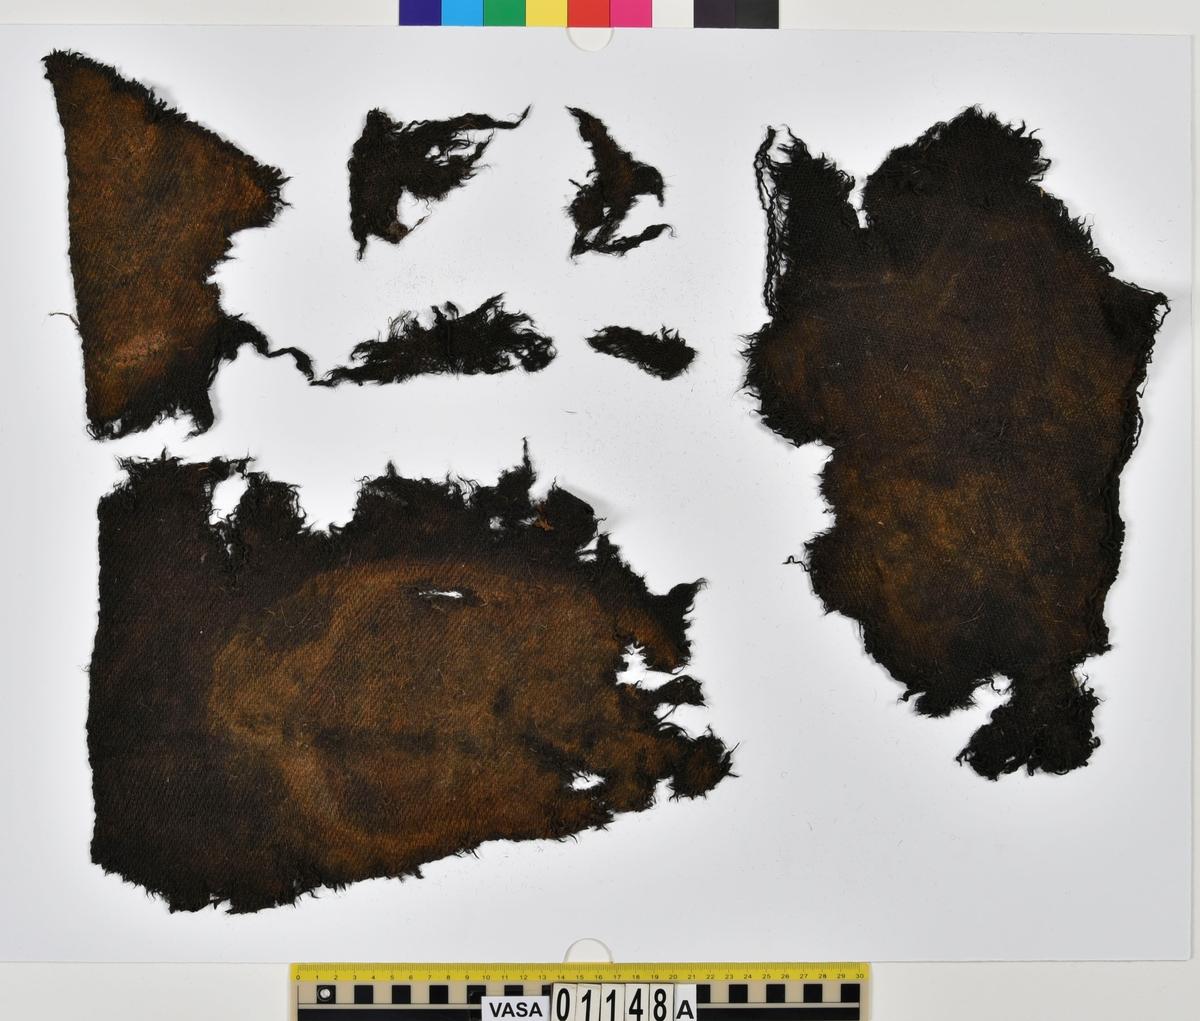 Textilier. 12 stycken textilfragment med fyndnummer 01148a-f. Fnr 01148a består av 7 fragment av ull vävda i 2/1-kypert. Några av fragmenten har vissa bevarade originalkanter. Fnr 01148b består av ett fragment av ull vävt i tuskaft. Fnr 01148c består av ett fragment av ull vävt i tuskaft. Fnr 01148d består av ett filtat fragment. Fnr 01148e består av ett fragment av ull vävt i tuskaft. Fnr 01148f består av ett fragment av ull vävt i tuskaft. Fragmentet ser ut att ha varit valkat.